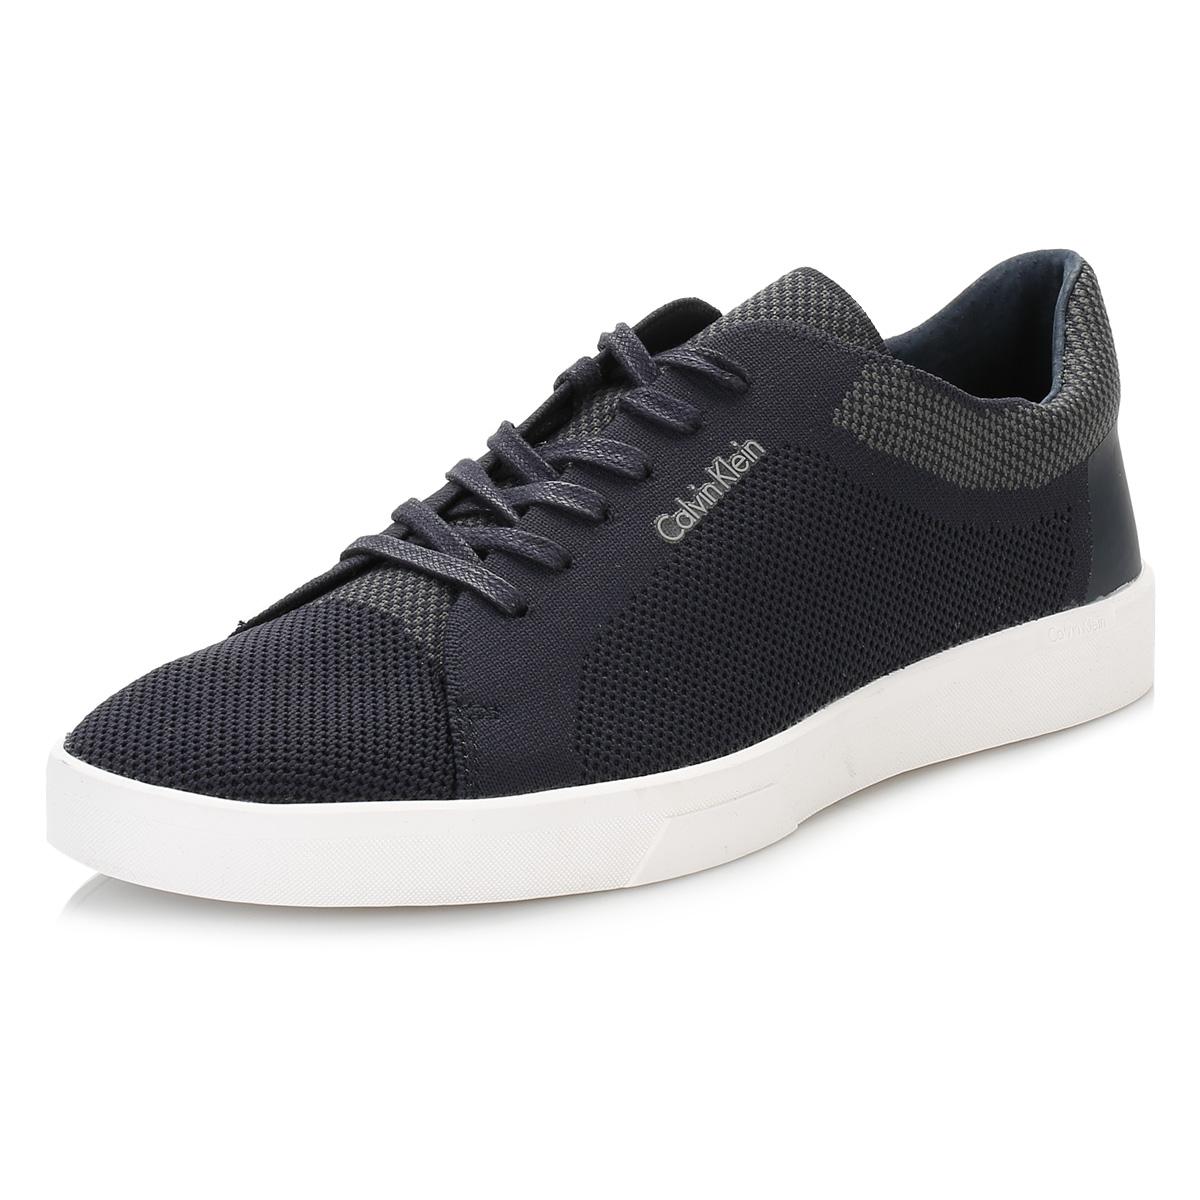 Mens Igor Brushed Ck Emboss Low-Top Sneakers Calvin Klein ktnN4DZE